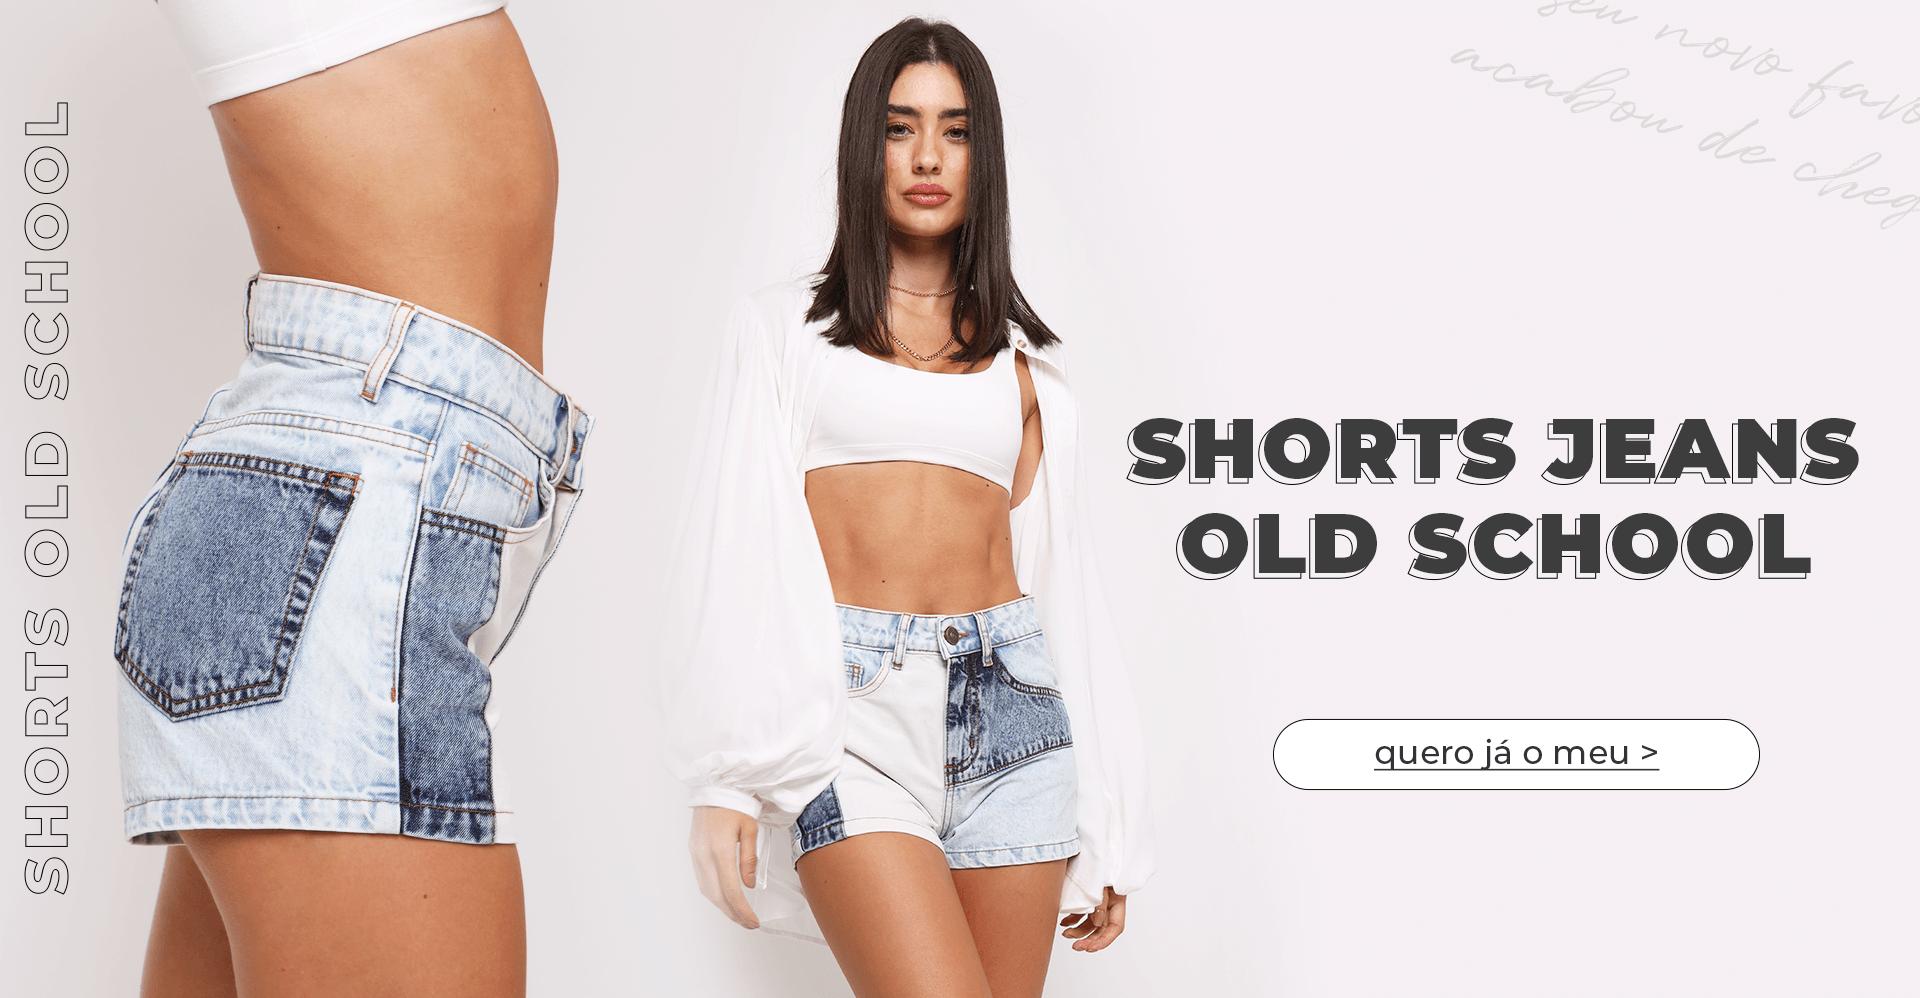 desktop - shorts pe na estrada